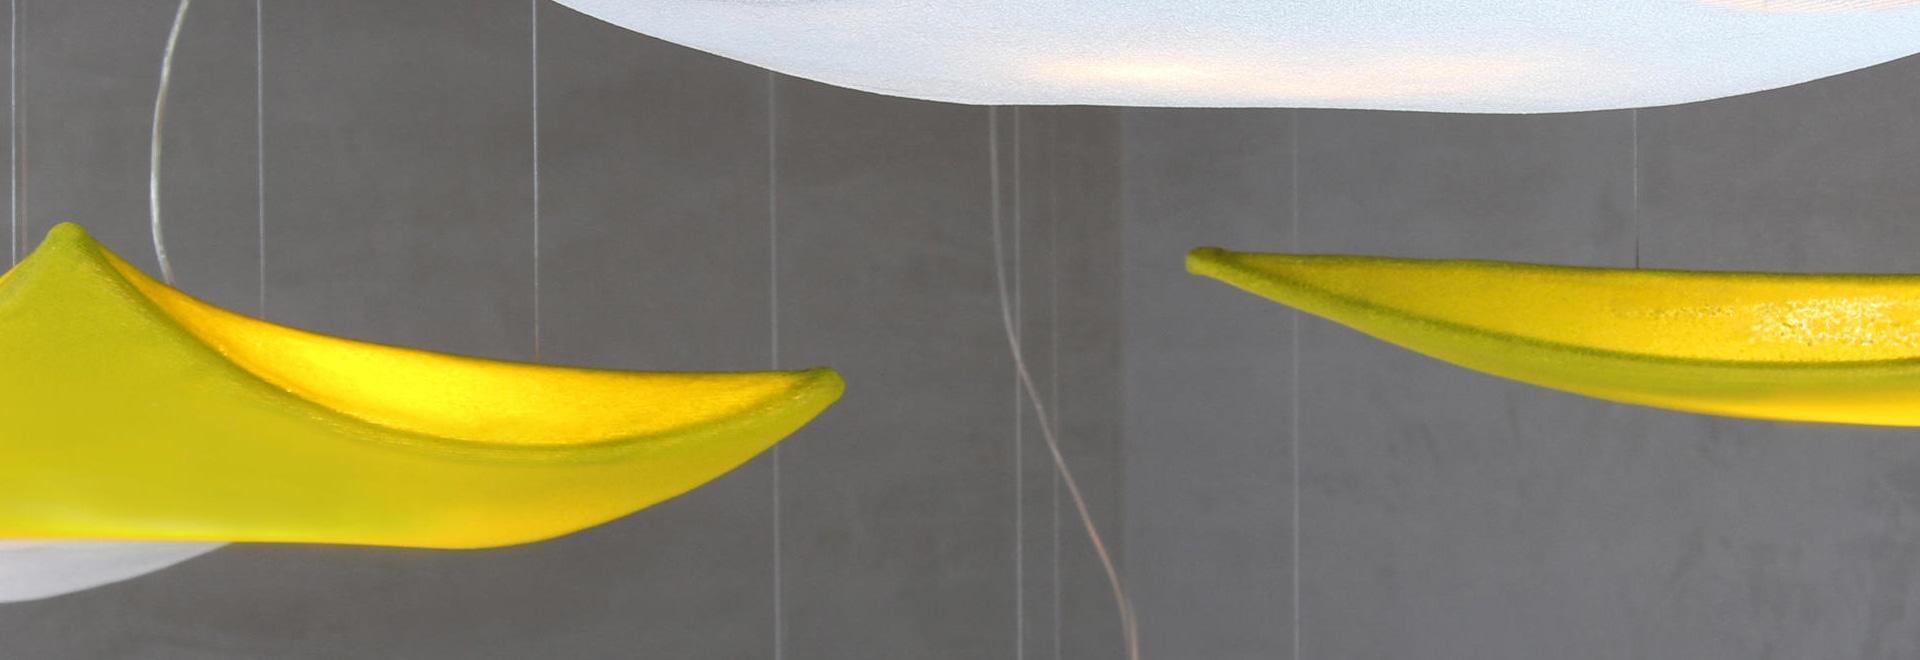 Kite KT06 | KT06G by arturo alvarez